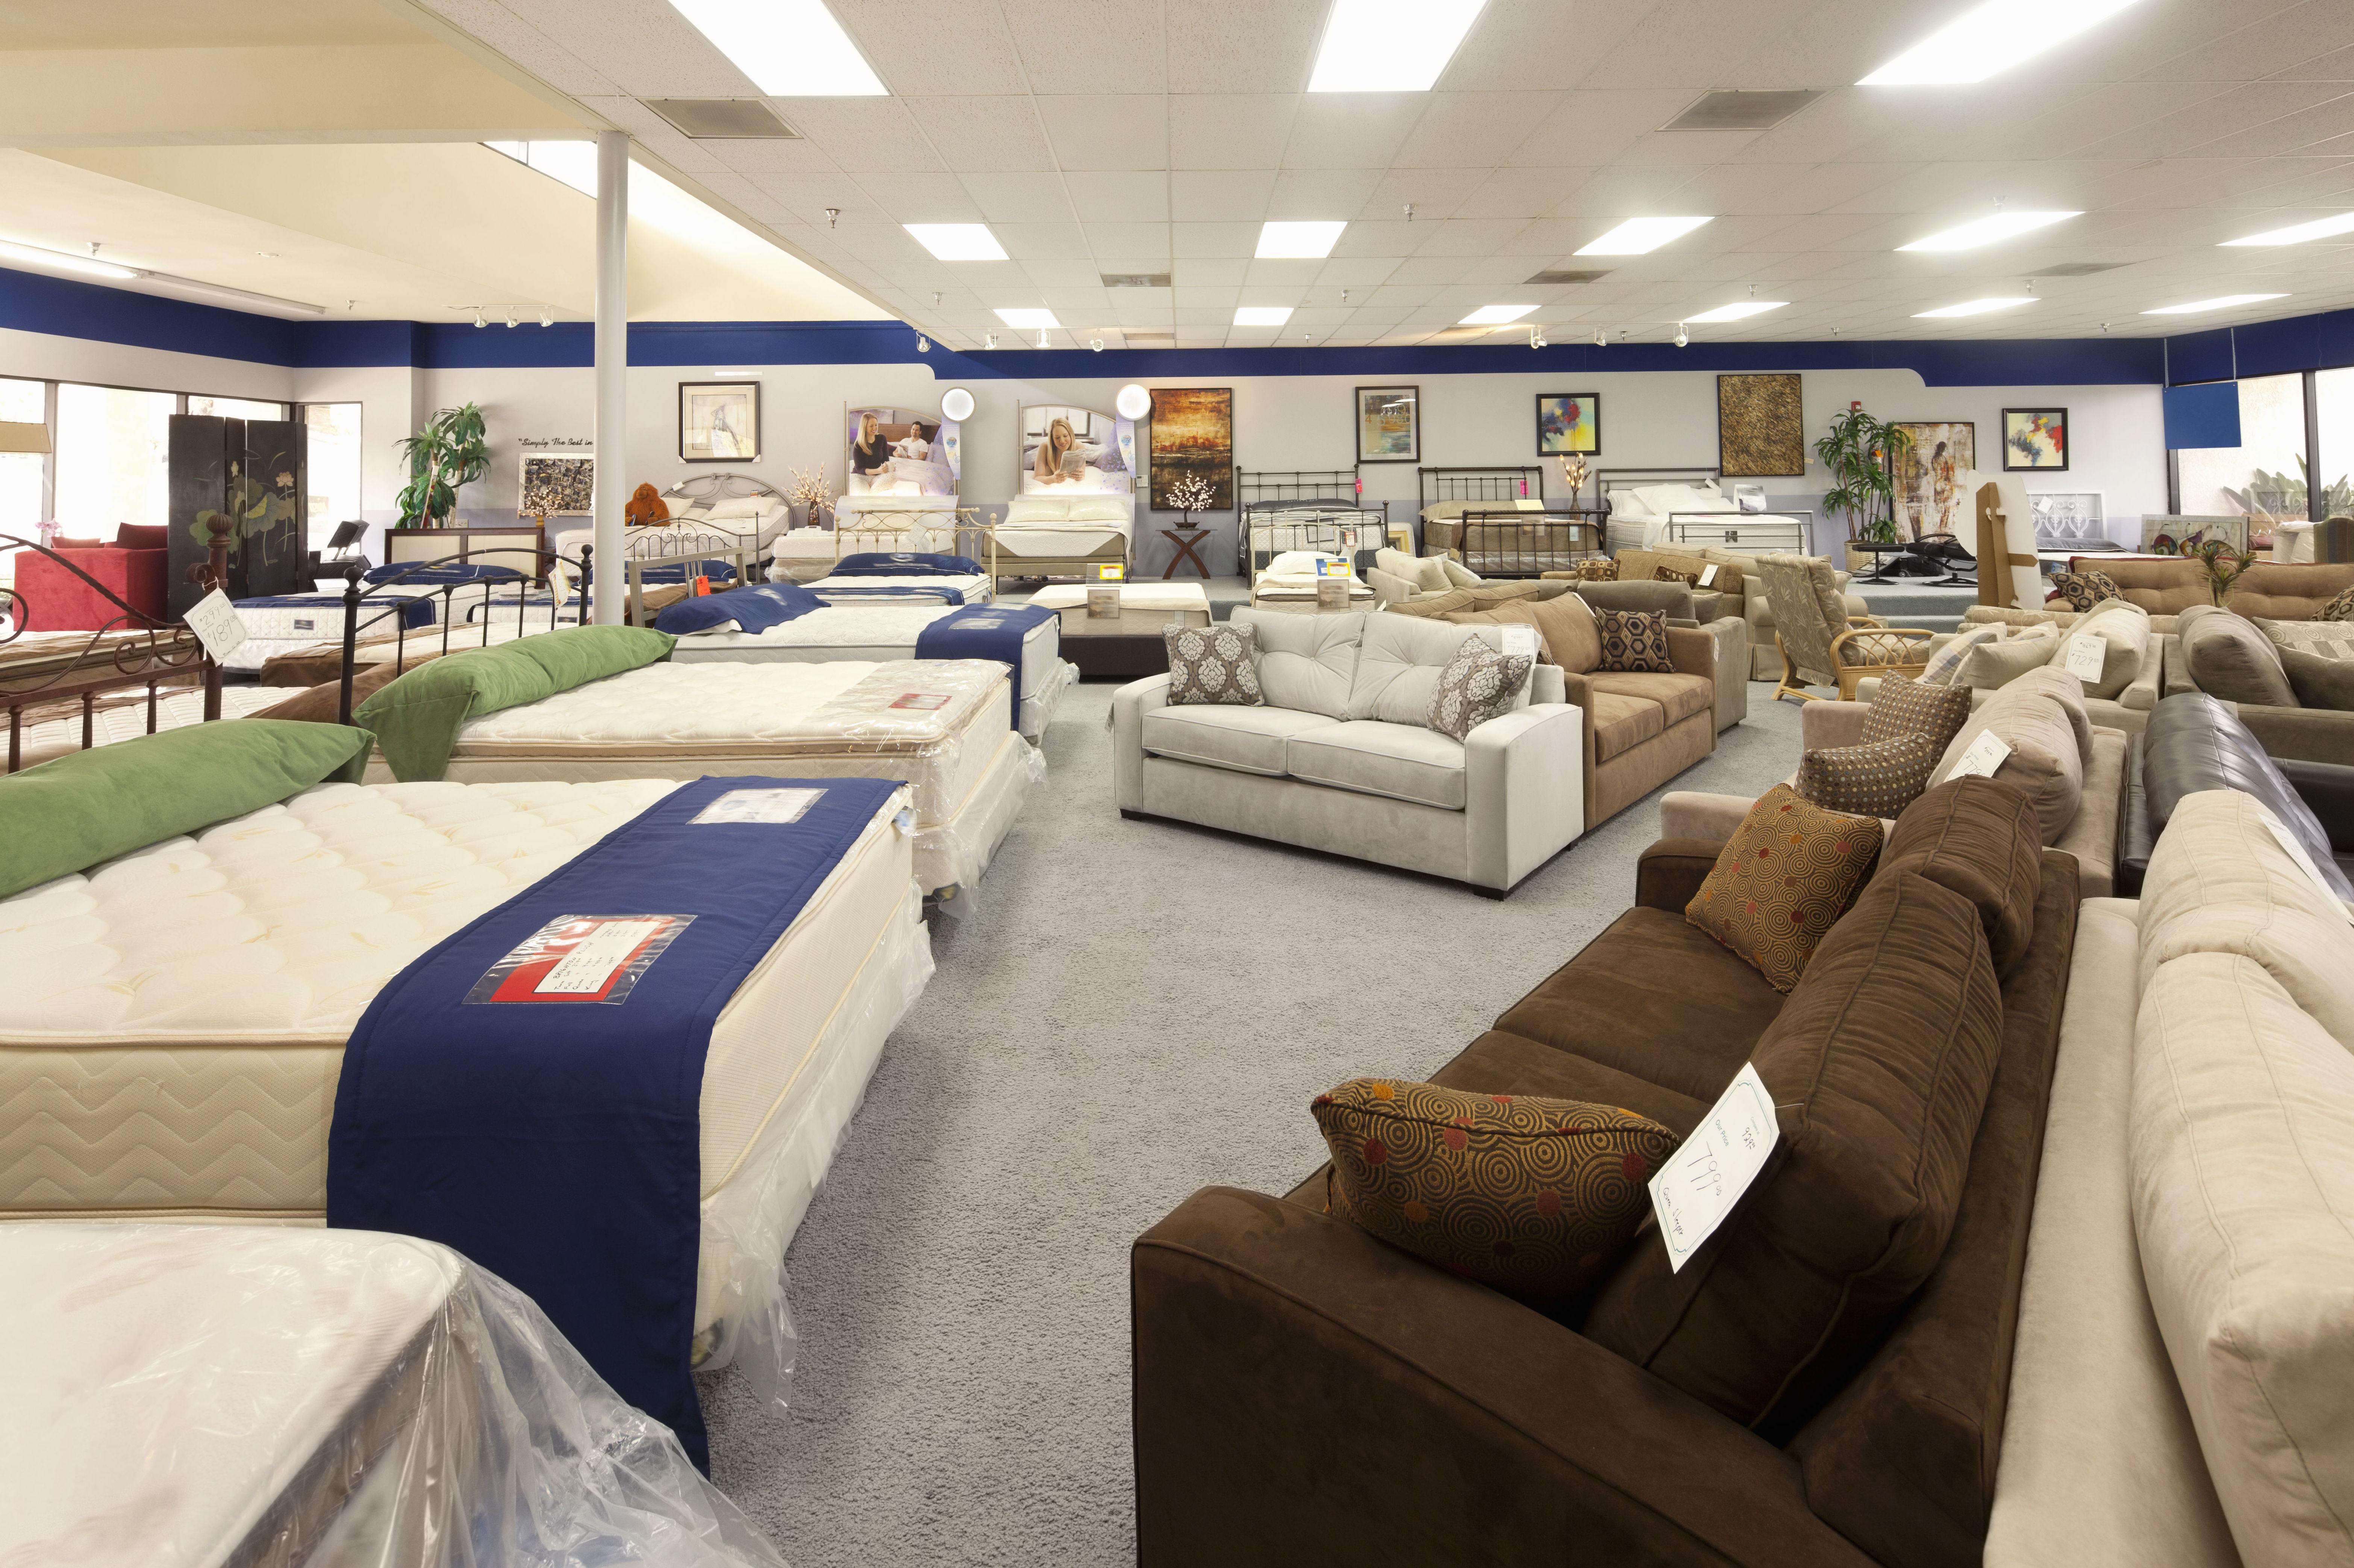 Muebles de ocasión en Zaragoza